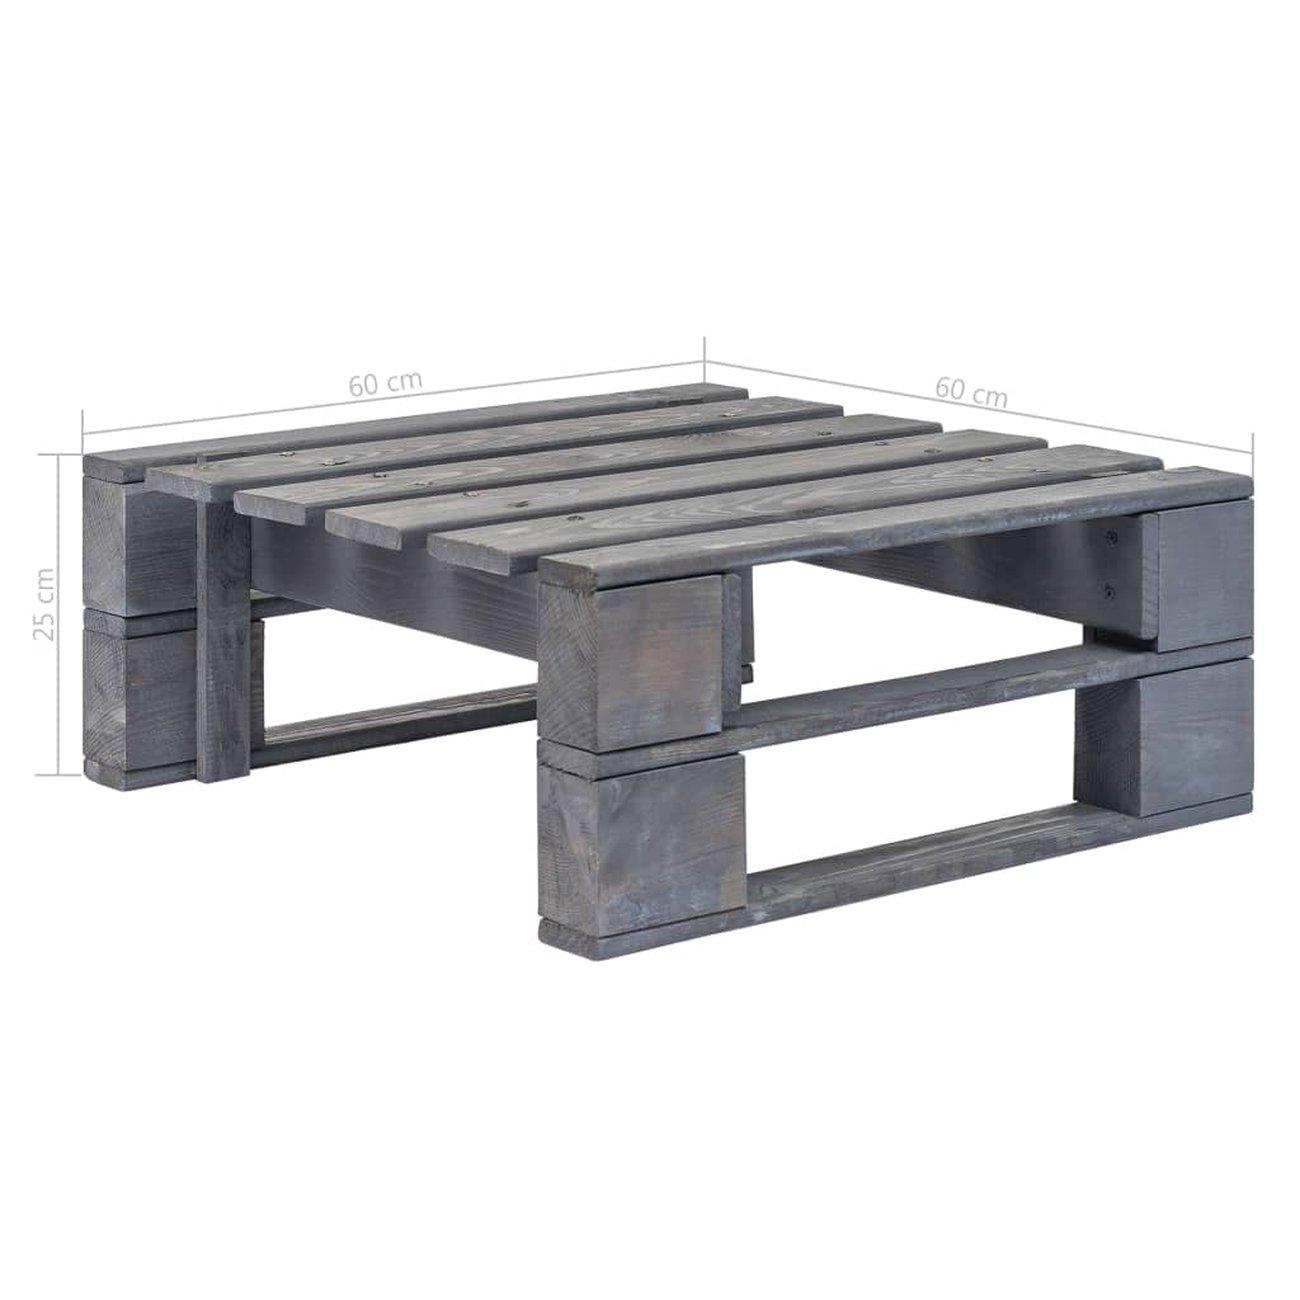 vidaxl repose pied palette de jardin bois fsc gris 5 v2